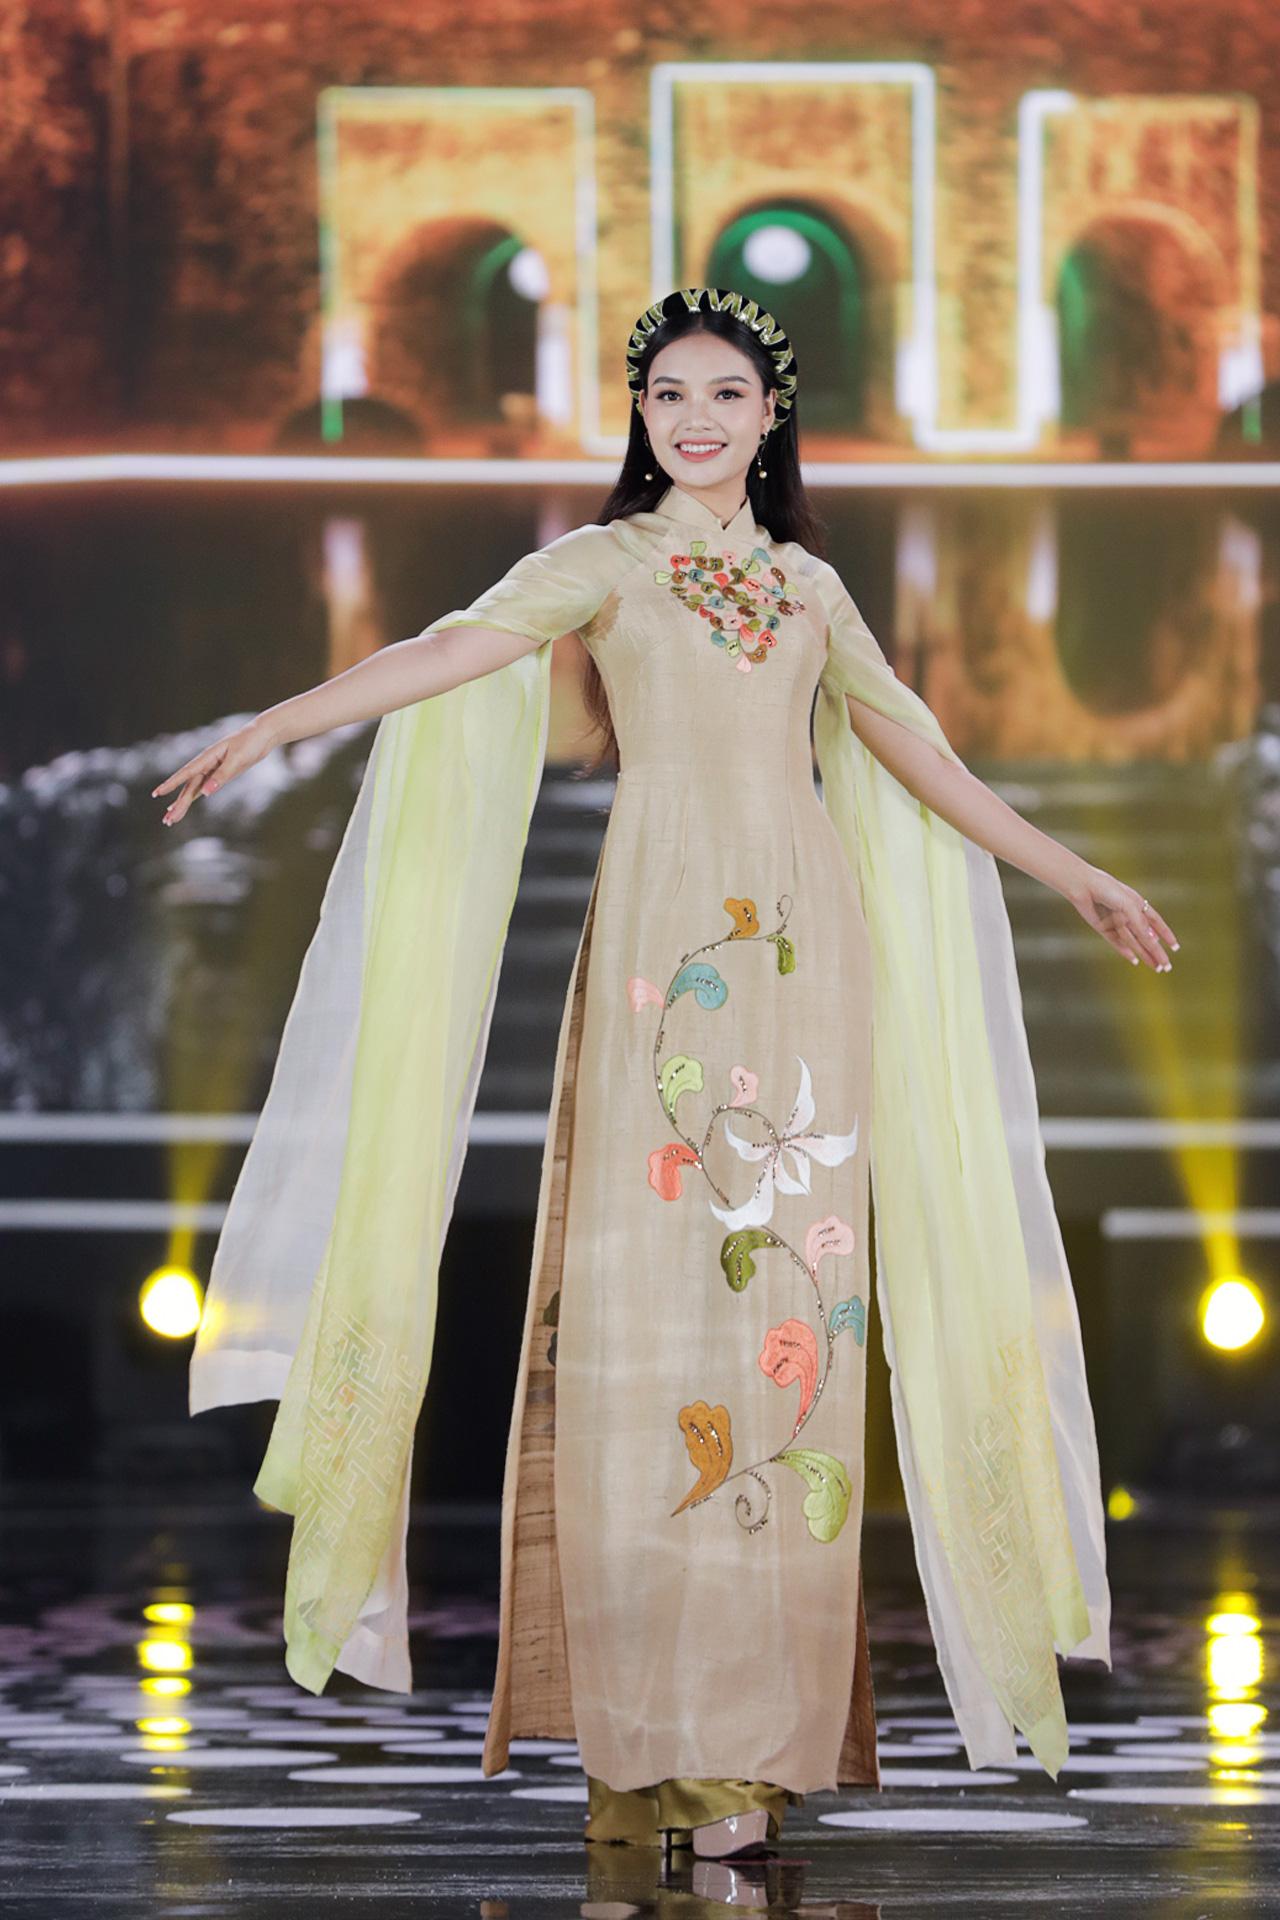 5 Hoa hậu mặc áo dài đọ sắc Chung kết Hoa hậu Việt Nam: Đặng Thu Thảo đẹp tựa nữ thần,  - Ảnh 11.